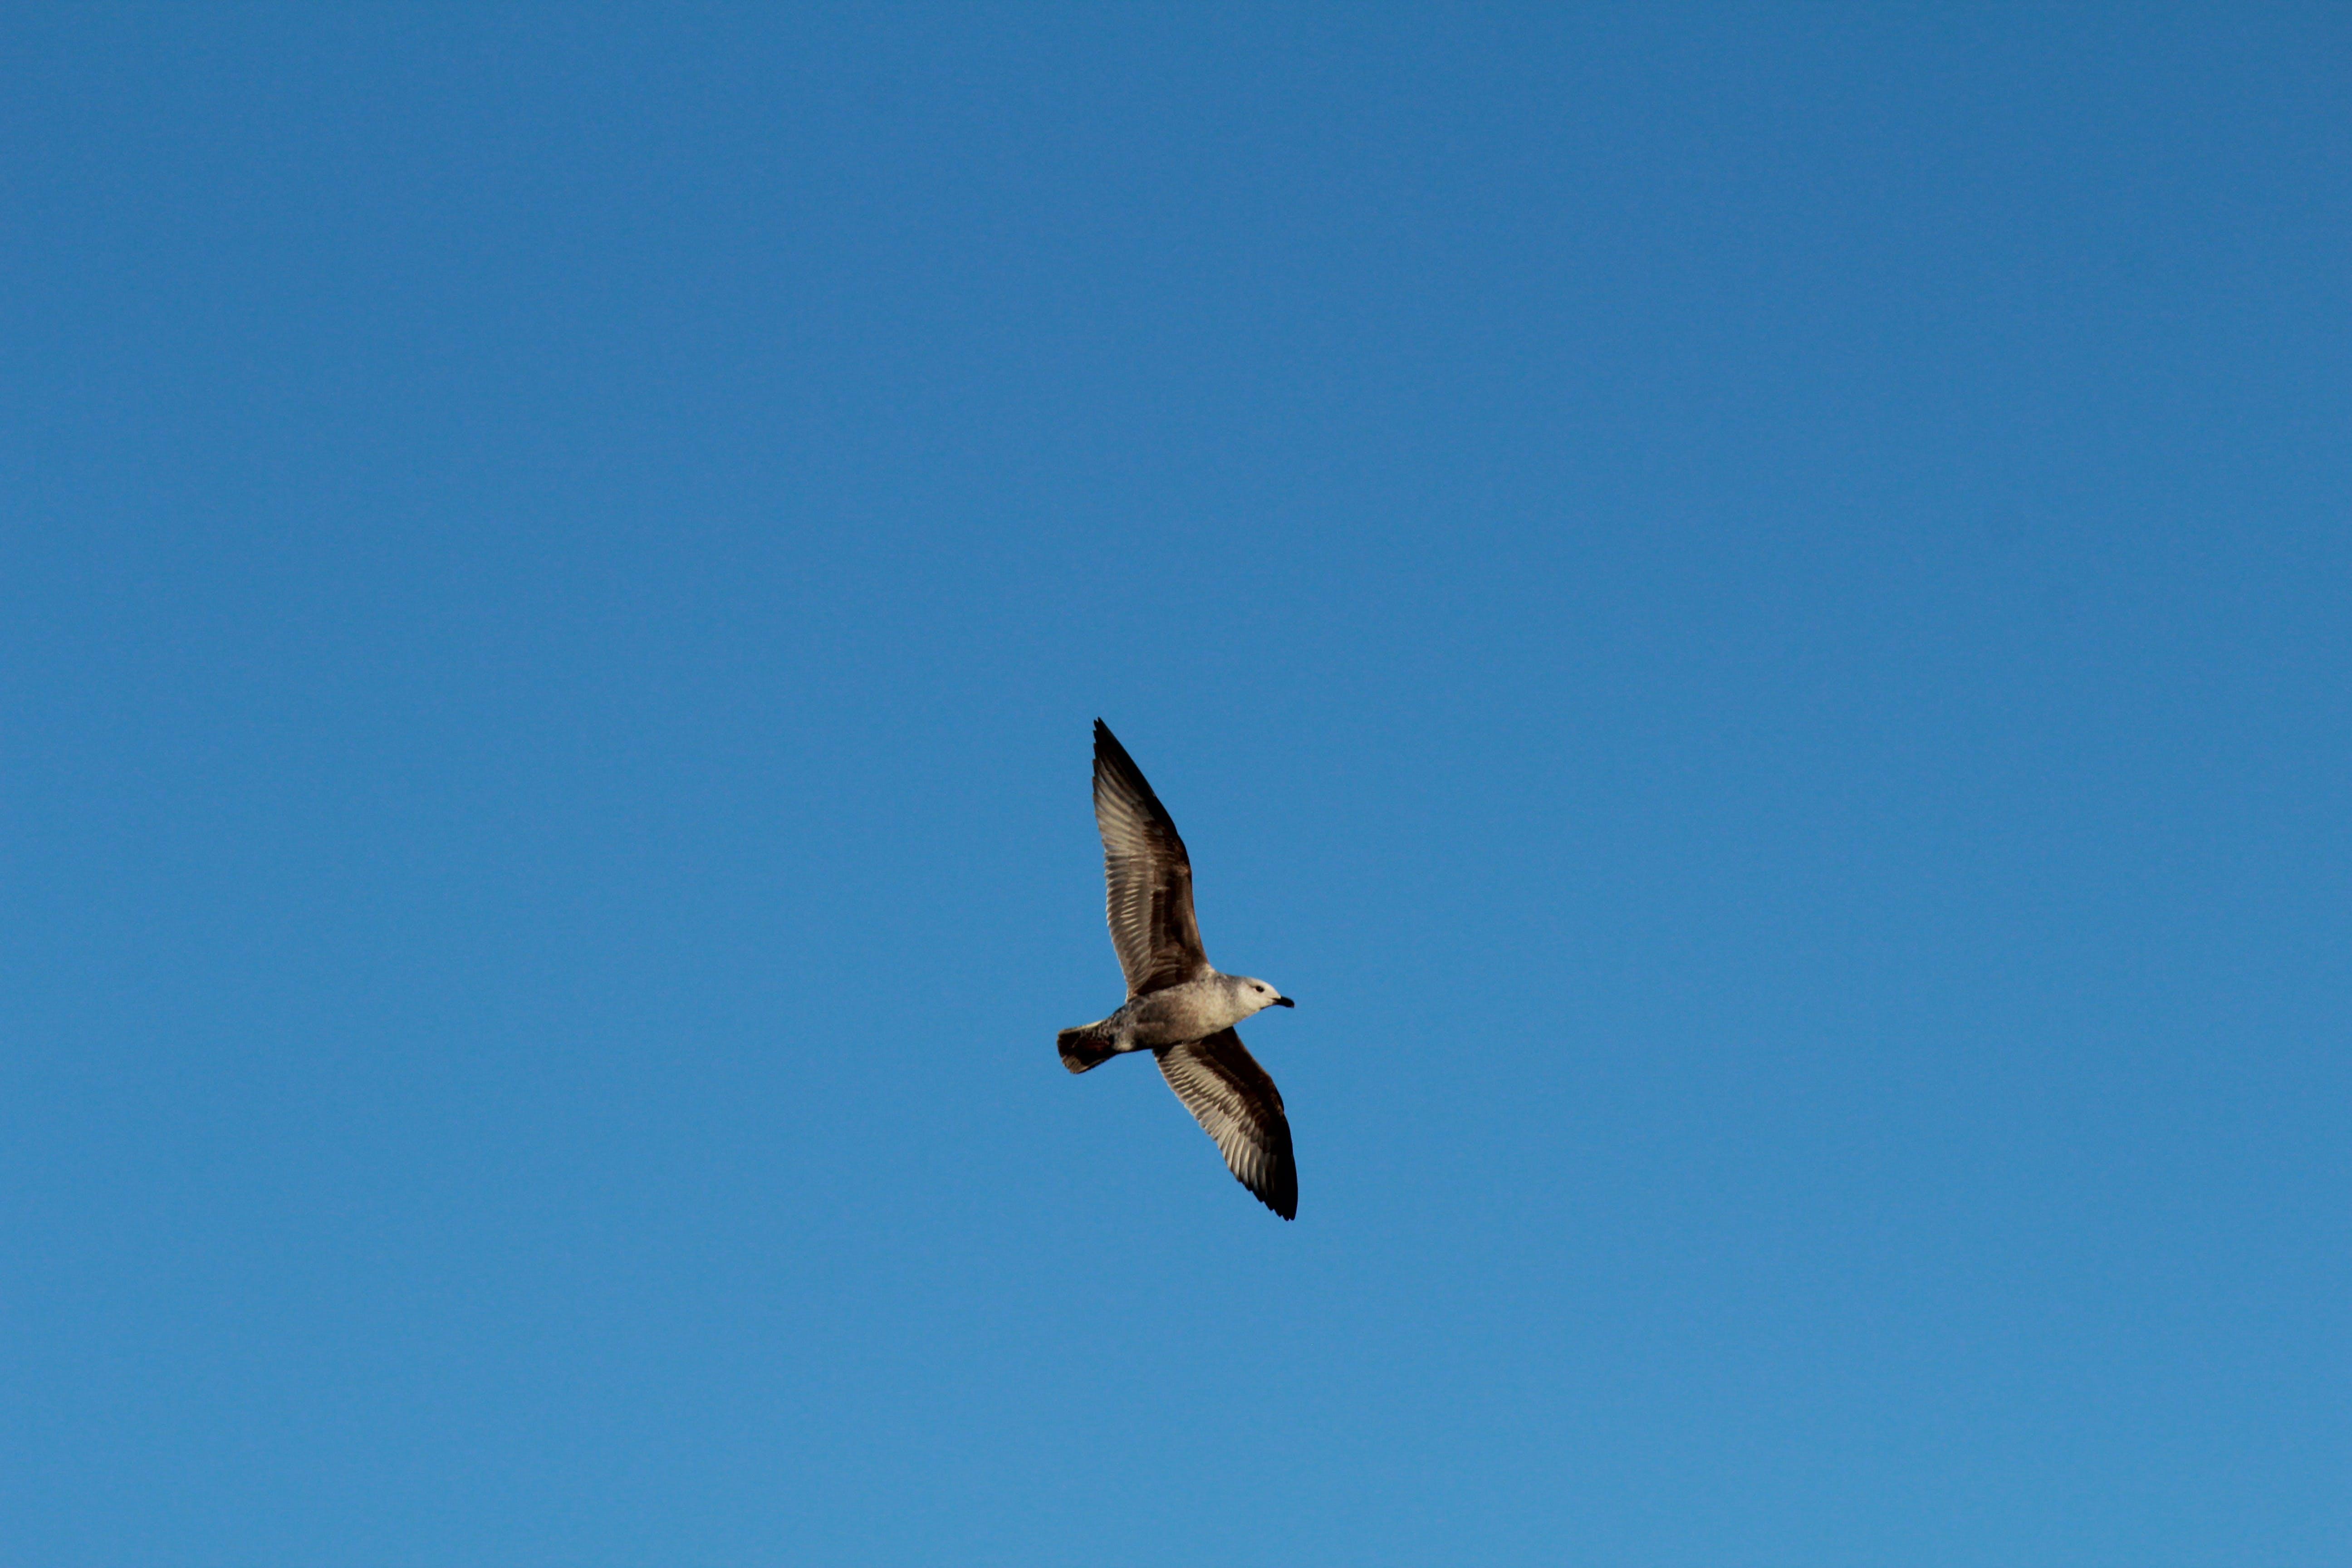 フライト, 動物, 日光, 空の無料の写真素材